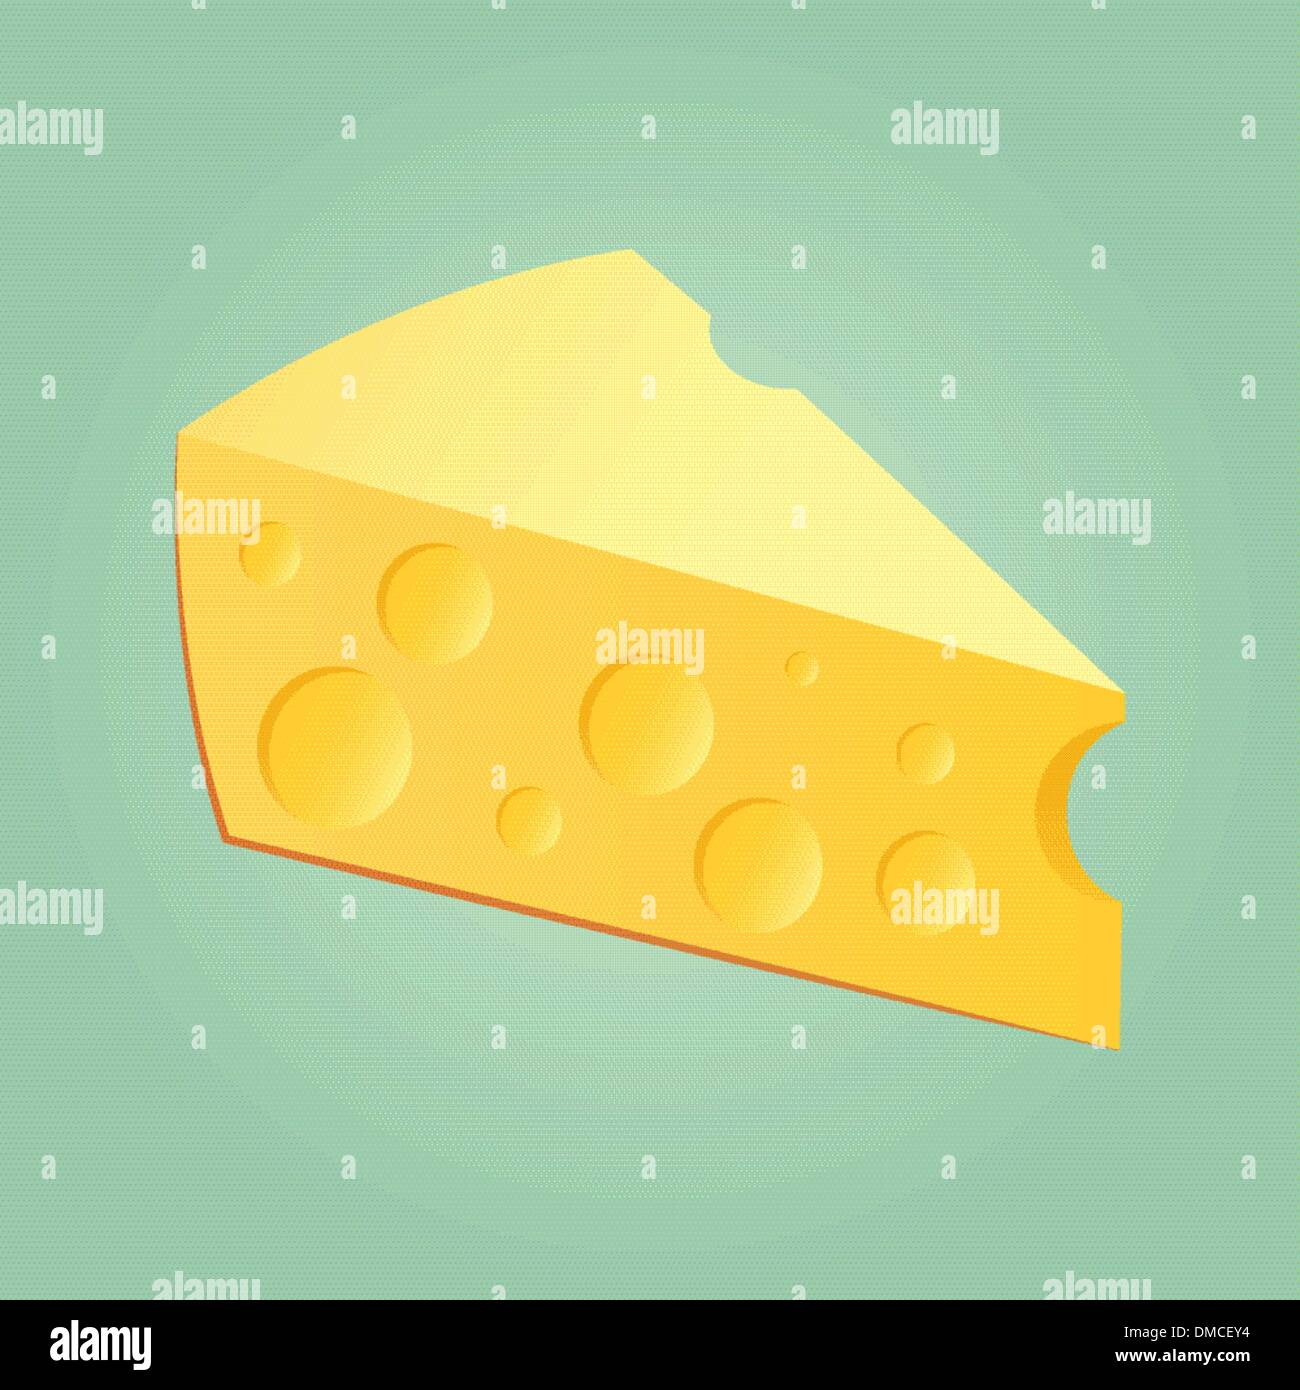 Losa de queso Imagen De Stock